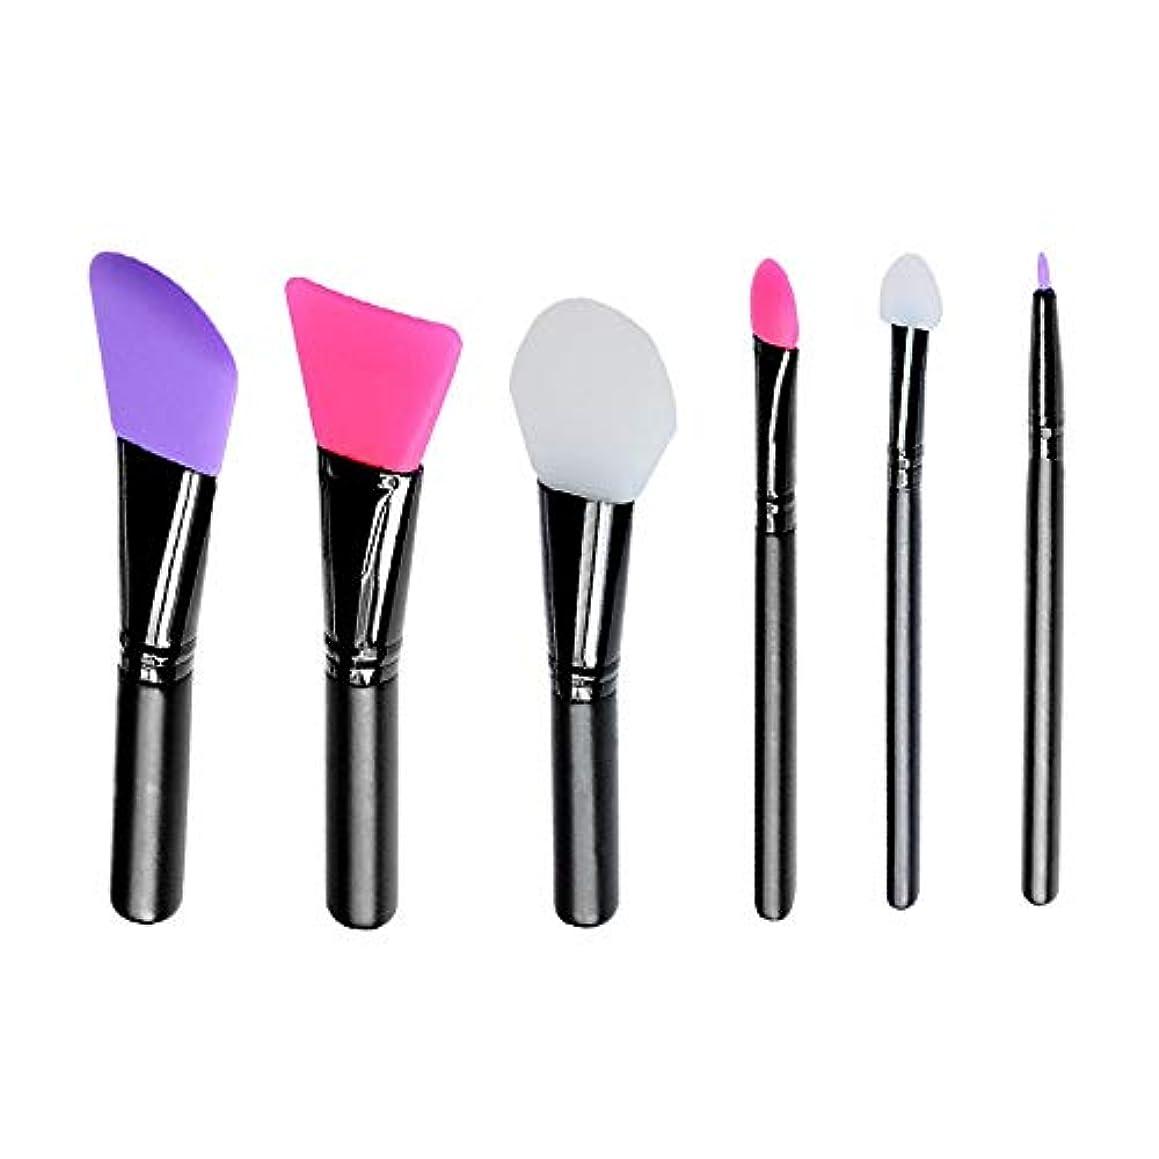 過剰シミュレートする前提条件Makeup brushes カラーメイクアップ6シリコーン混合マスクブラシ suits (Color : Black)